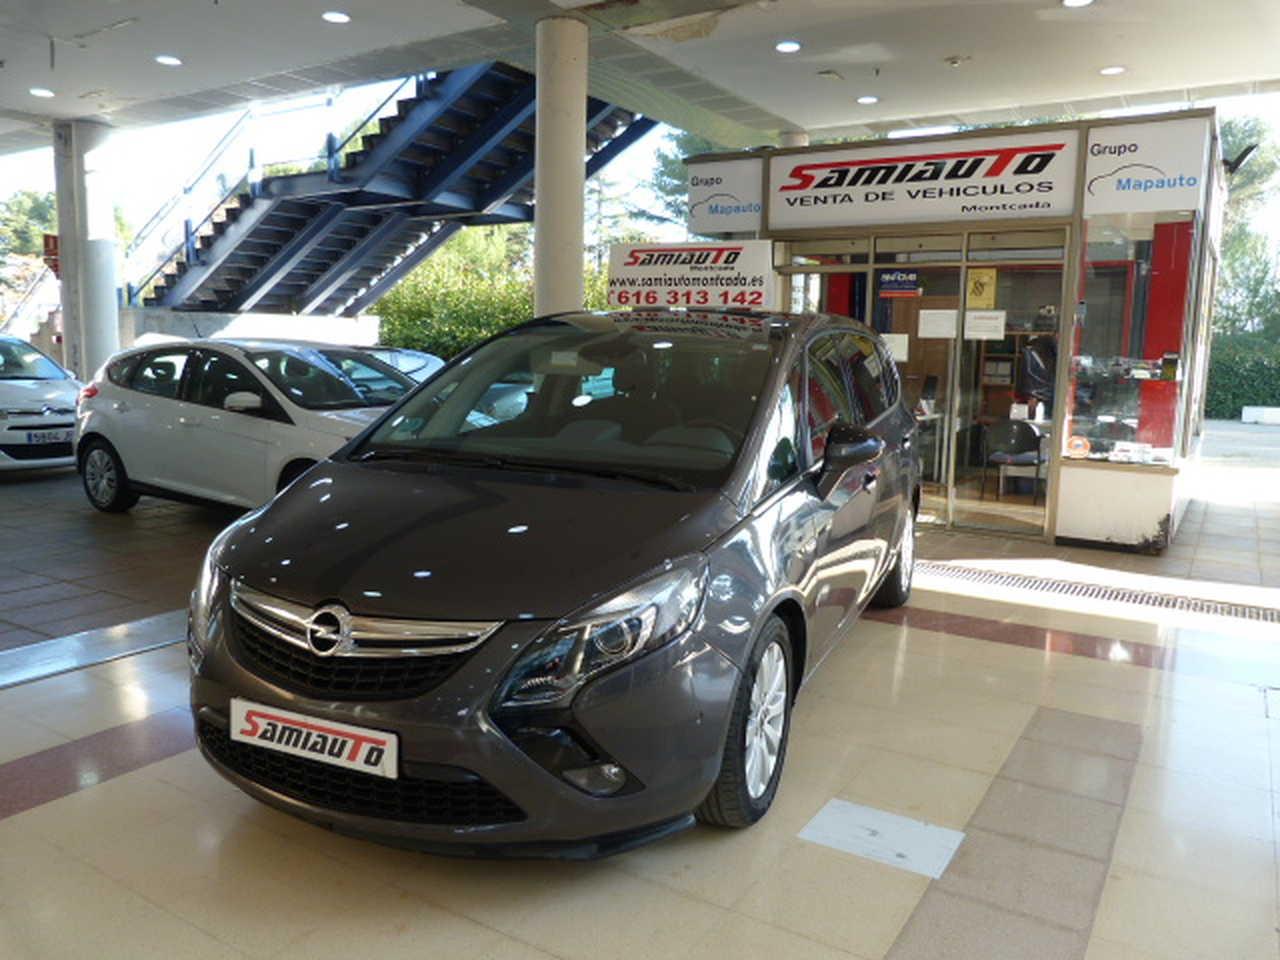 Opel Zafira  Tourer    Zafira Tourer 1.4 Turbo SS Excellence 5p. un solo propietario libro de revisiones  - Foto 1